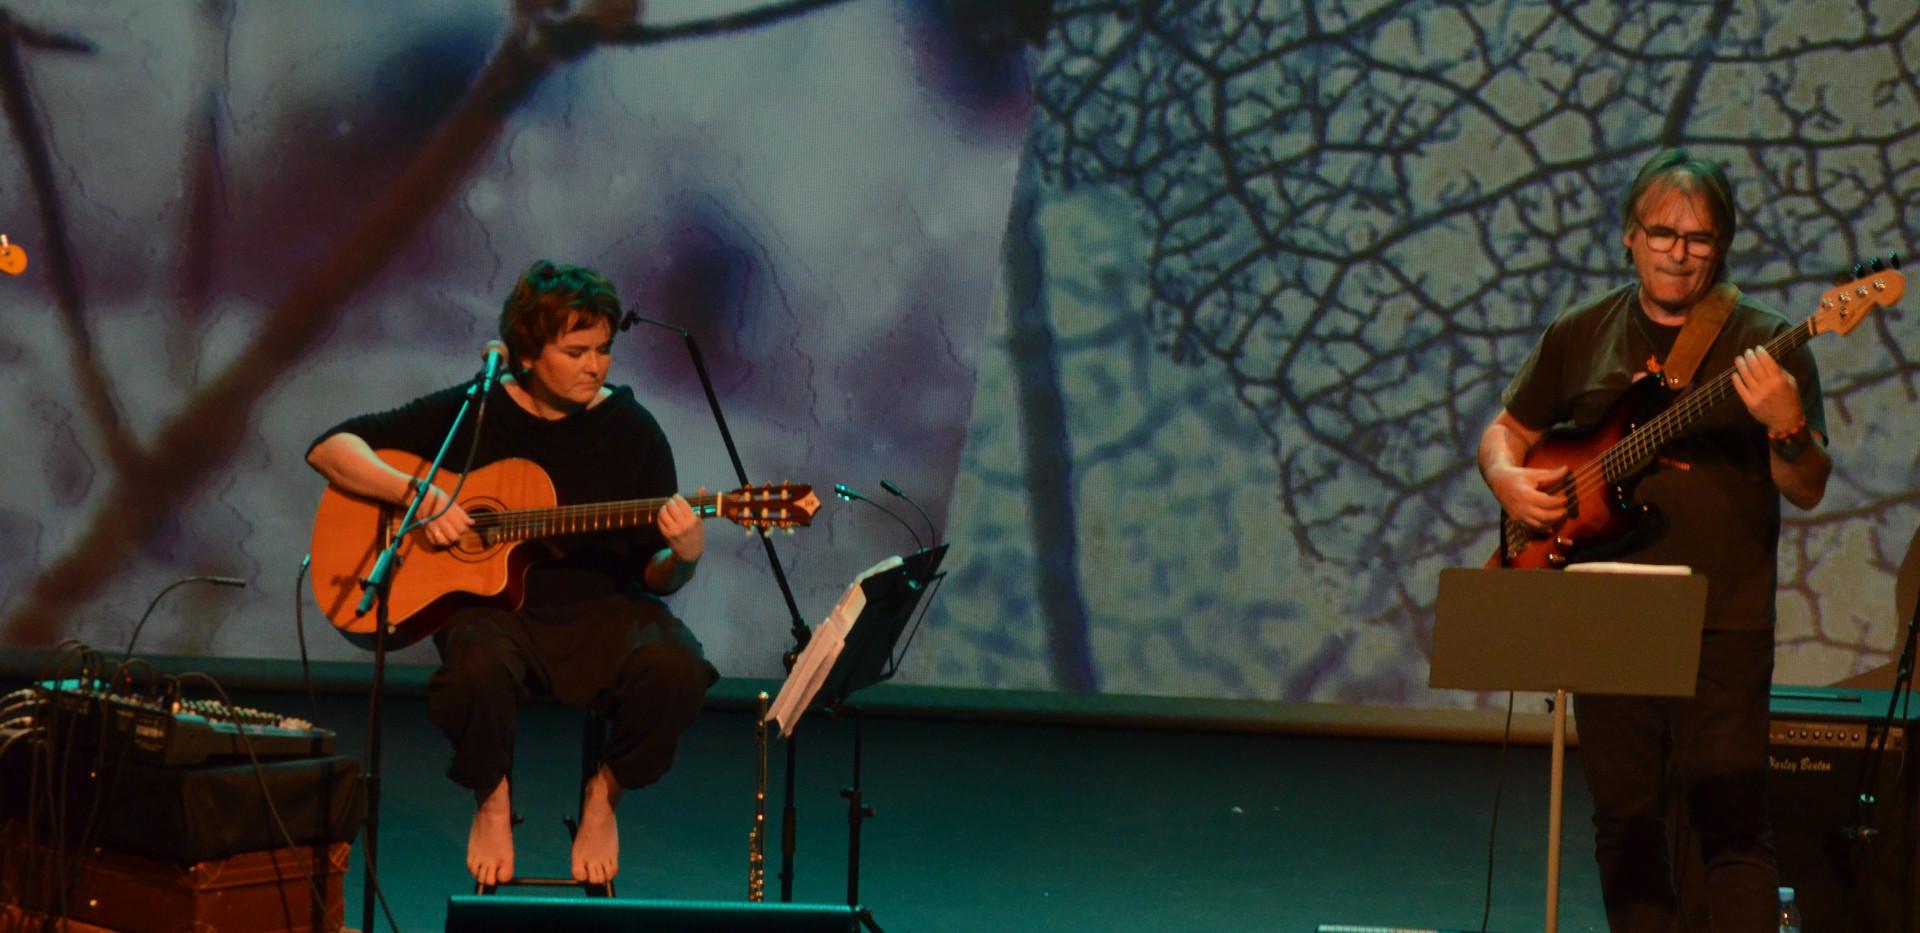 Flauta, voces, guitarra, composición, Elena Sáenz. Juan Antonio Hurtado, producción musical